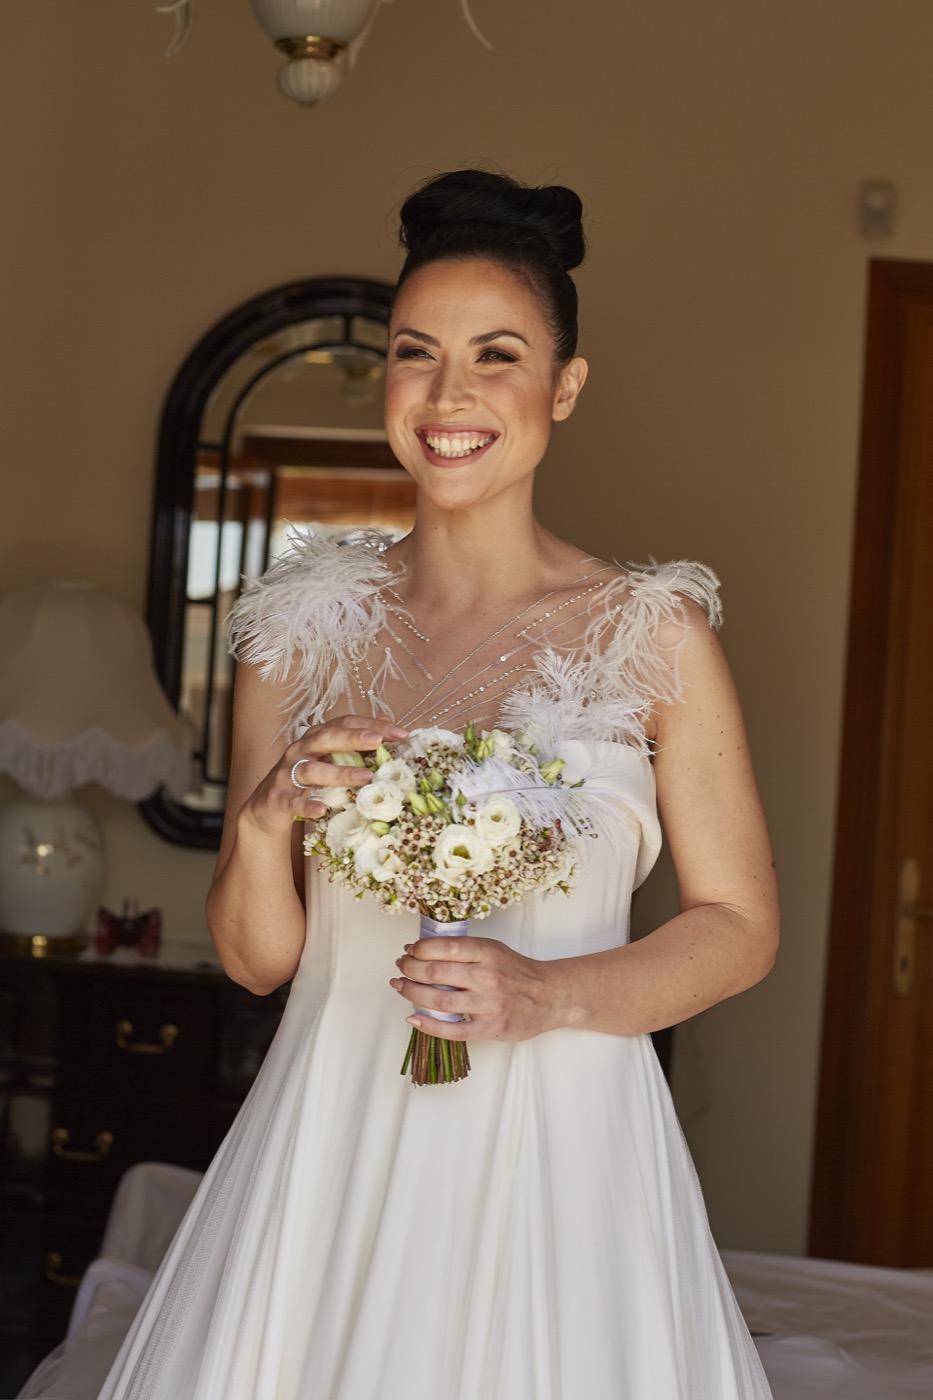 Claudio-Coppola-wedding-photographer-villa-del-cardinale-rocca-di-papa-castel-gandolfo-20